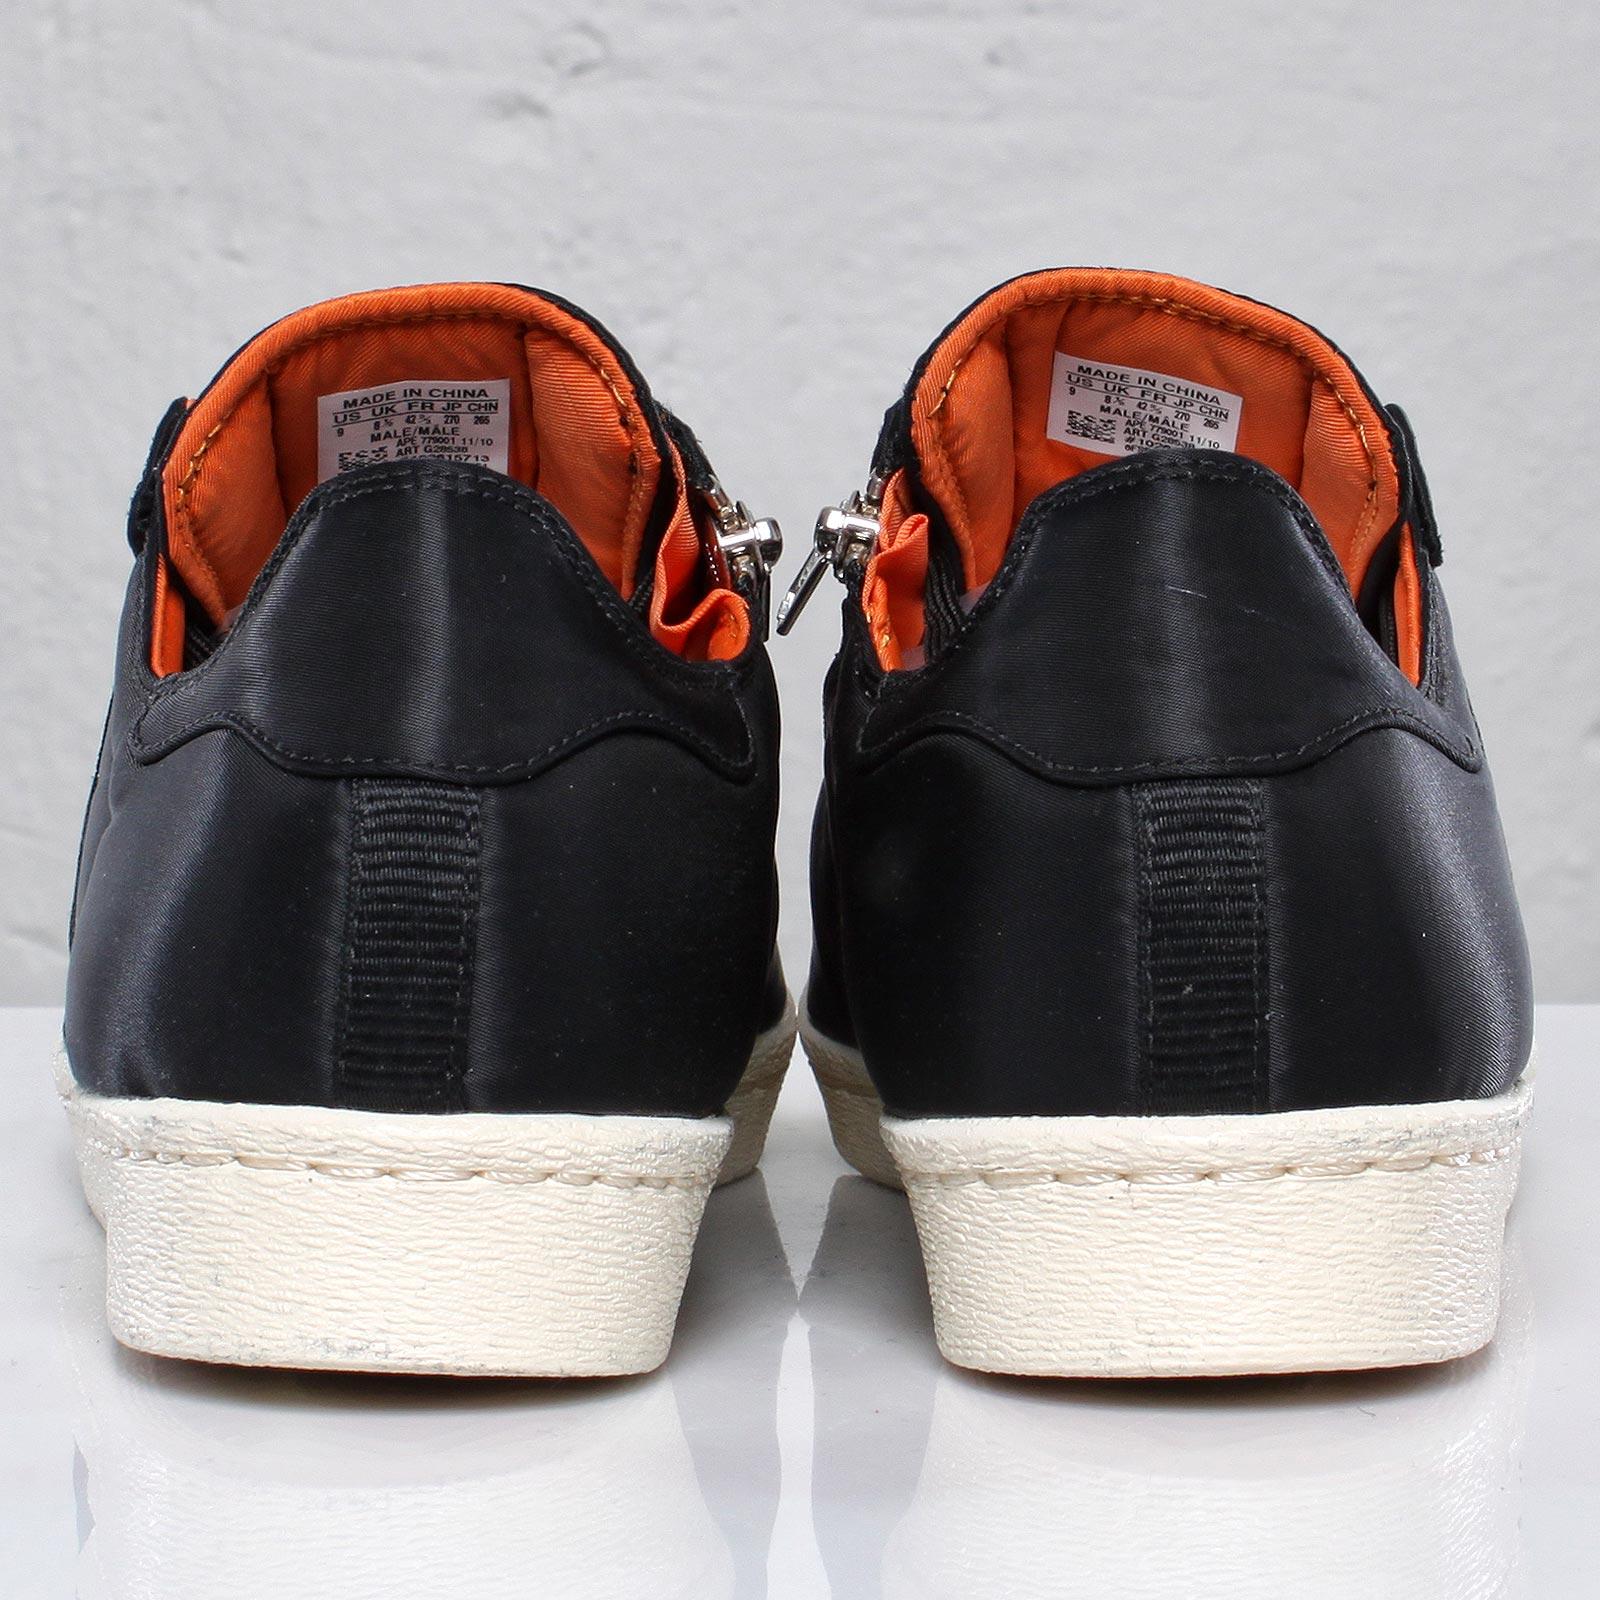 best website 03afc 96a37 adidas OT Superstar 80s Porter - 100425 - Sneakersnstuff   sneakers    streetwear online since 1999